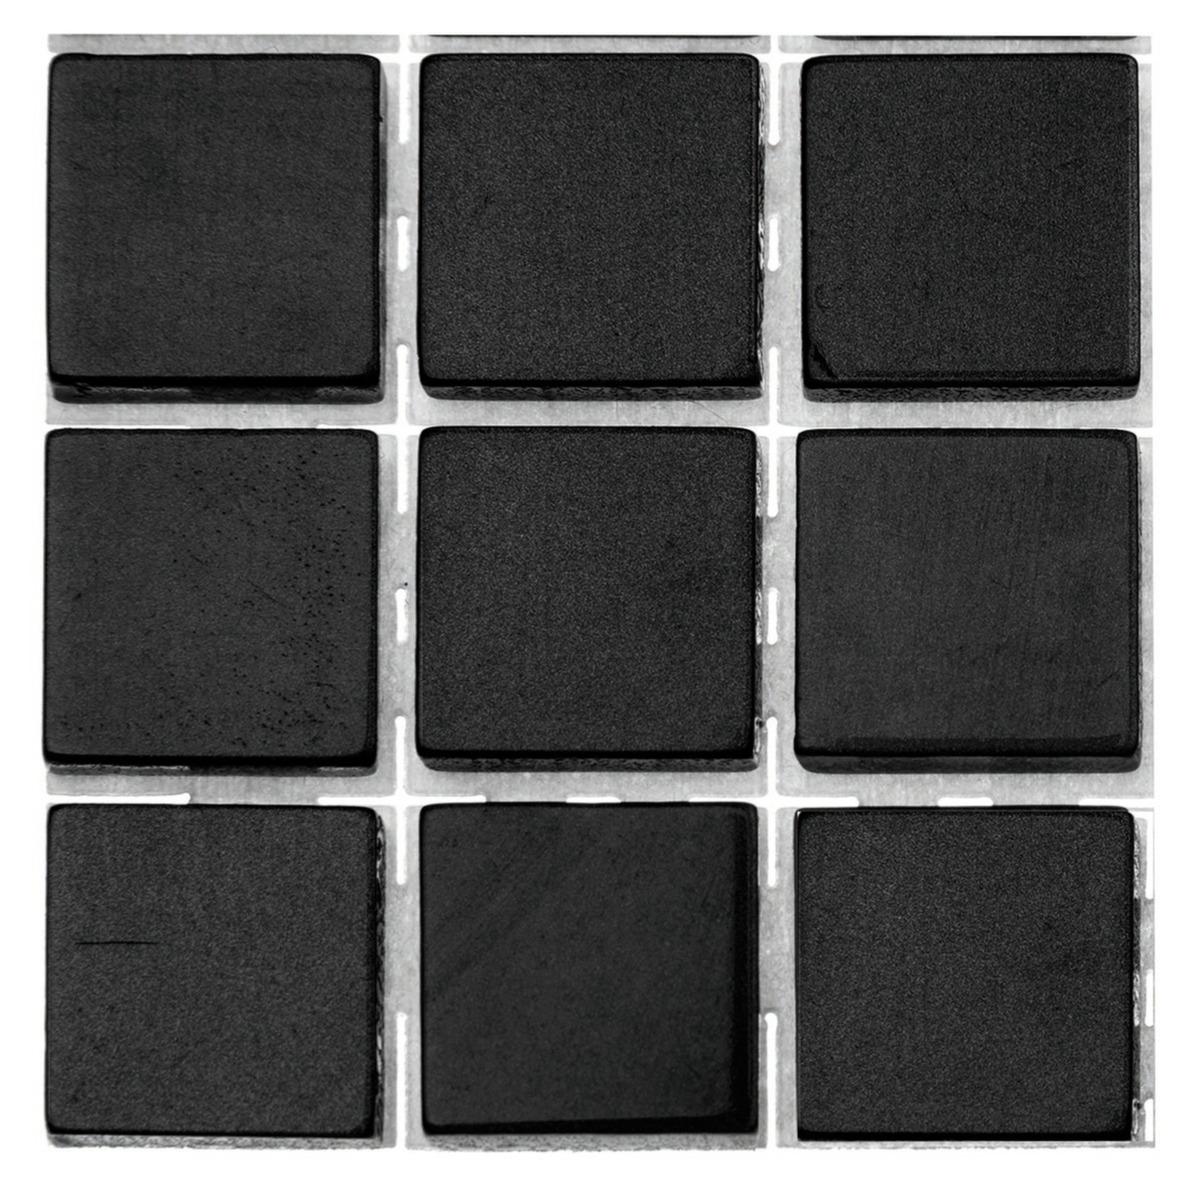 63x stuks mozaieken maken steentjes-tegels kleur zwart 10 x 10 x 2 mm